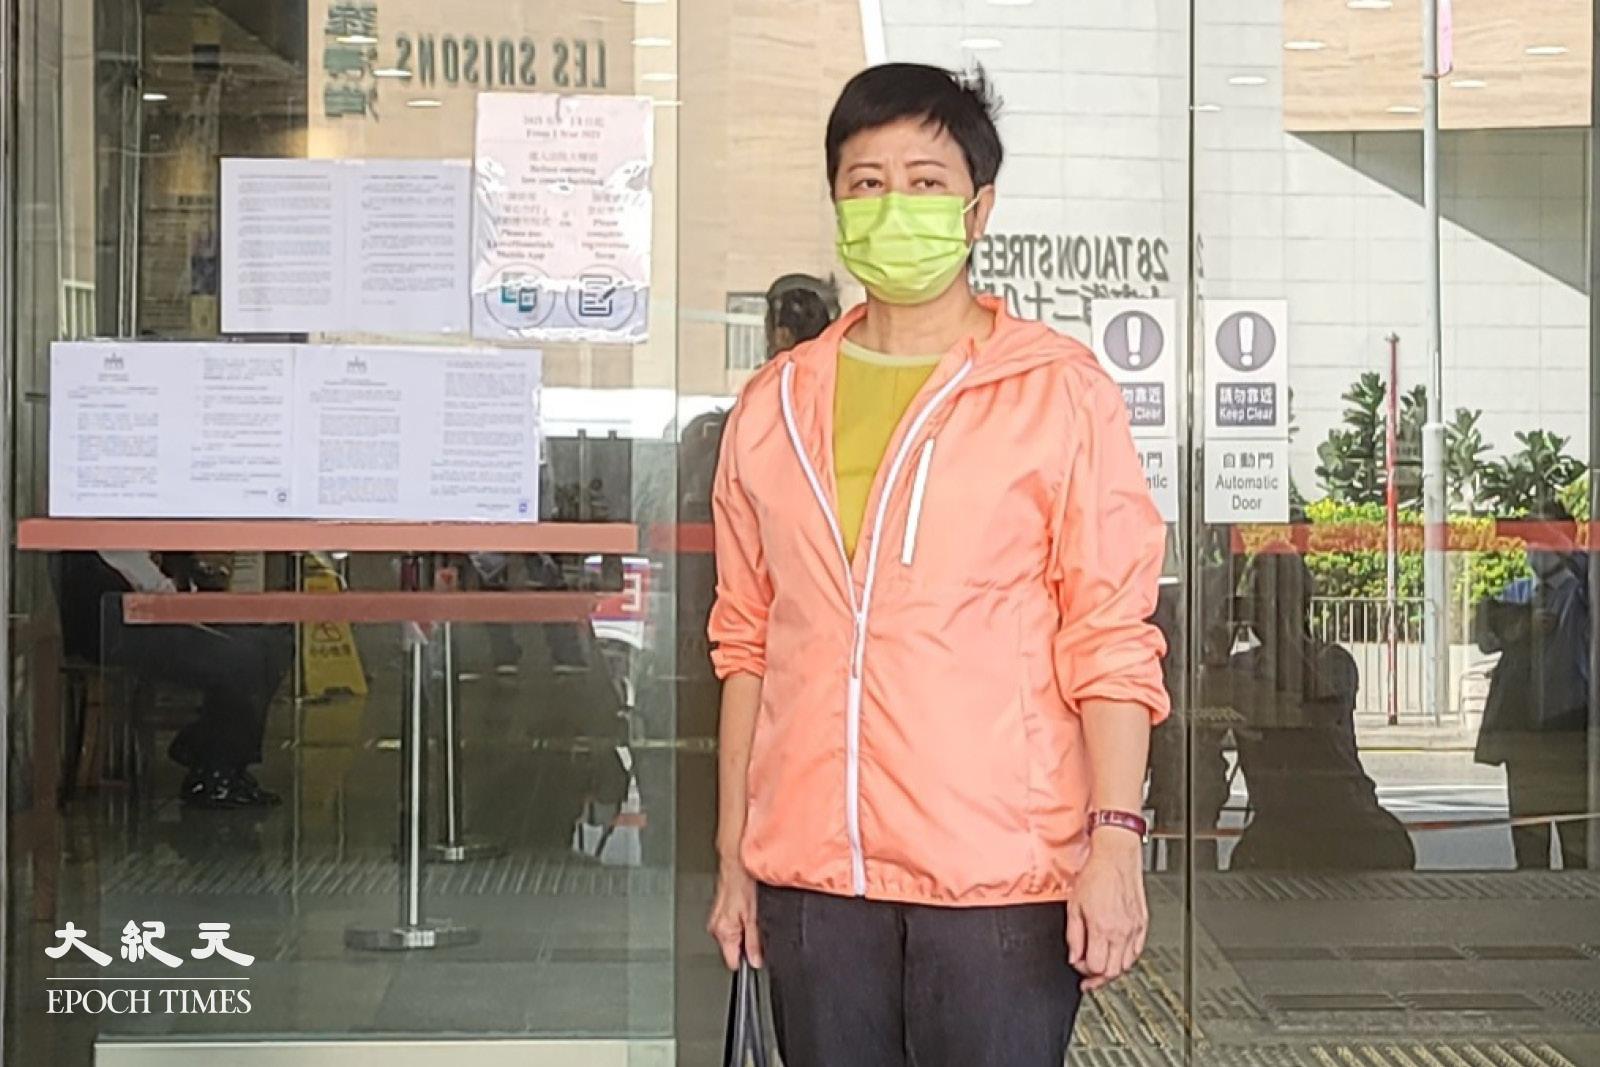 4月13日下午,黃碧雲進入東區裁判法院前,向傳媒表示「多謝大家關心」。(宵龍/大紀元)